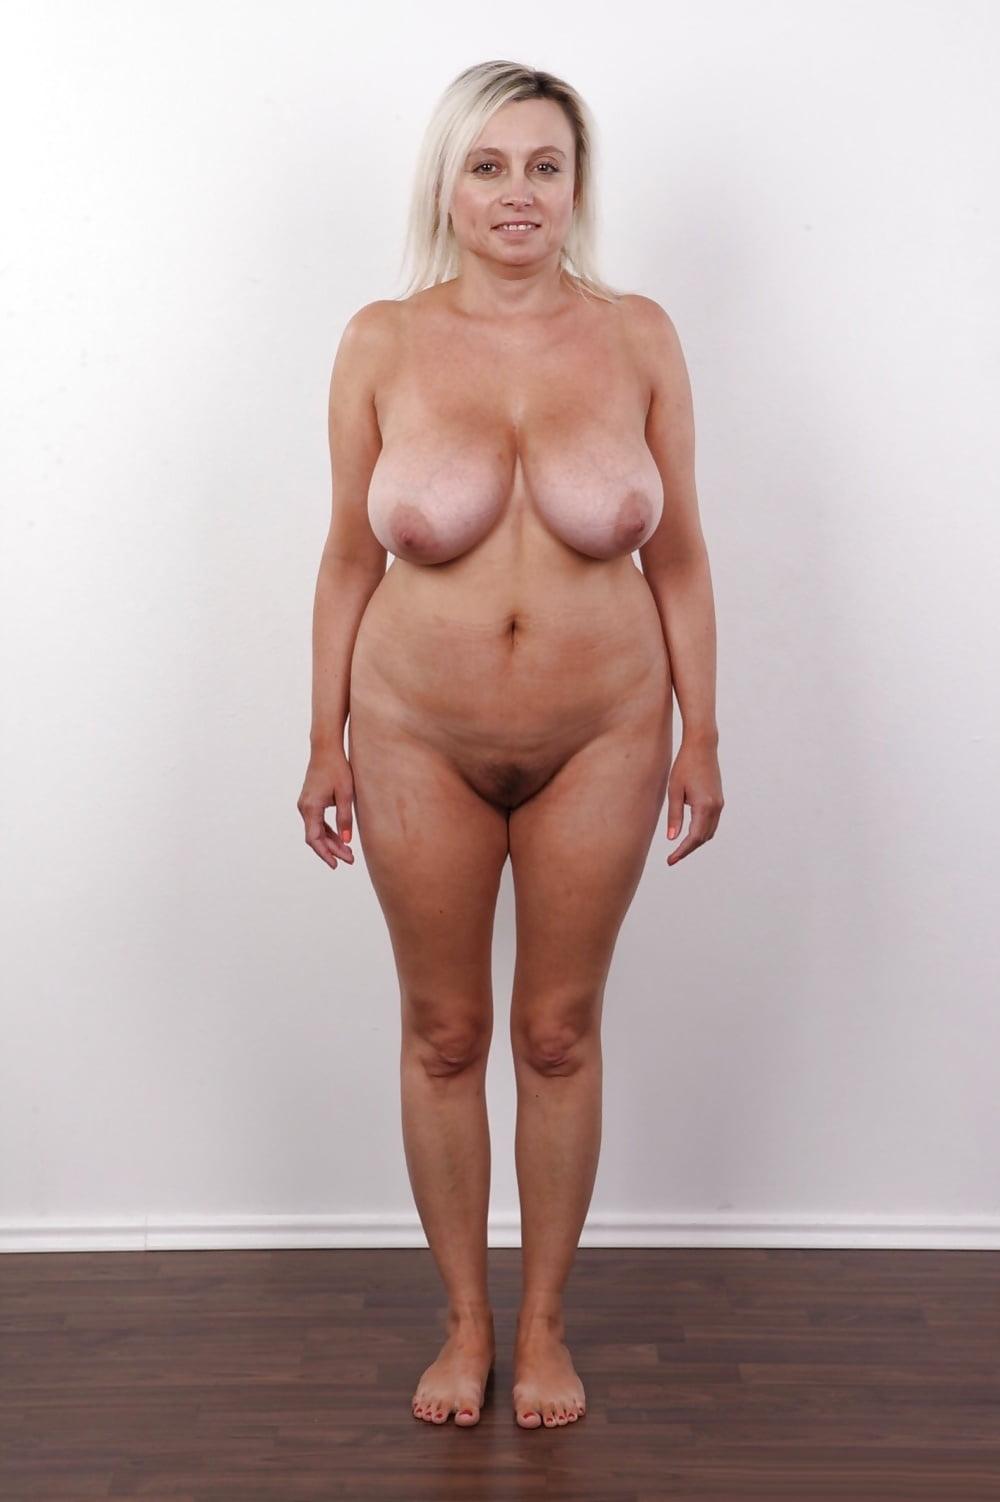 casting asian panties Wife